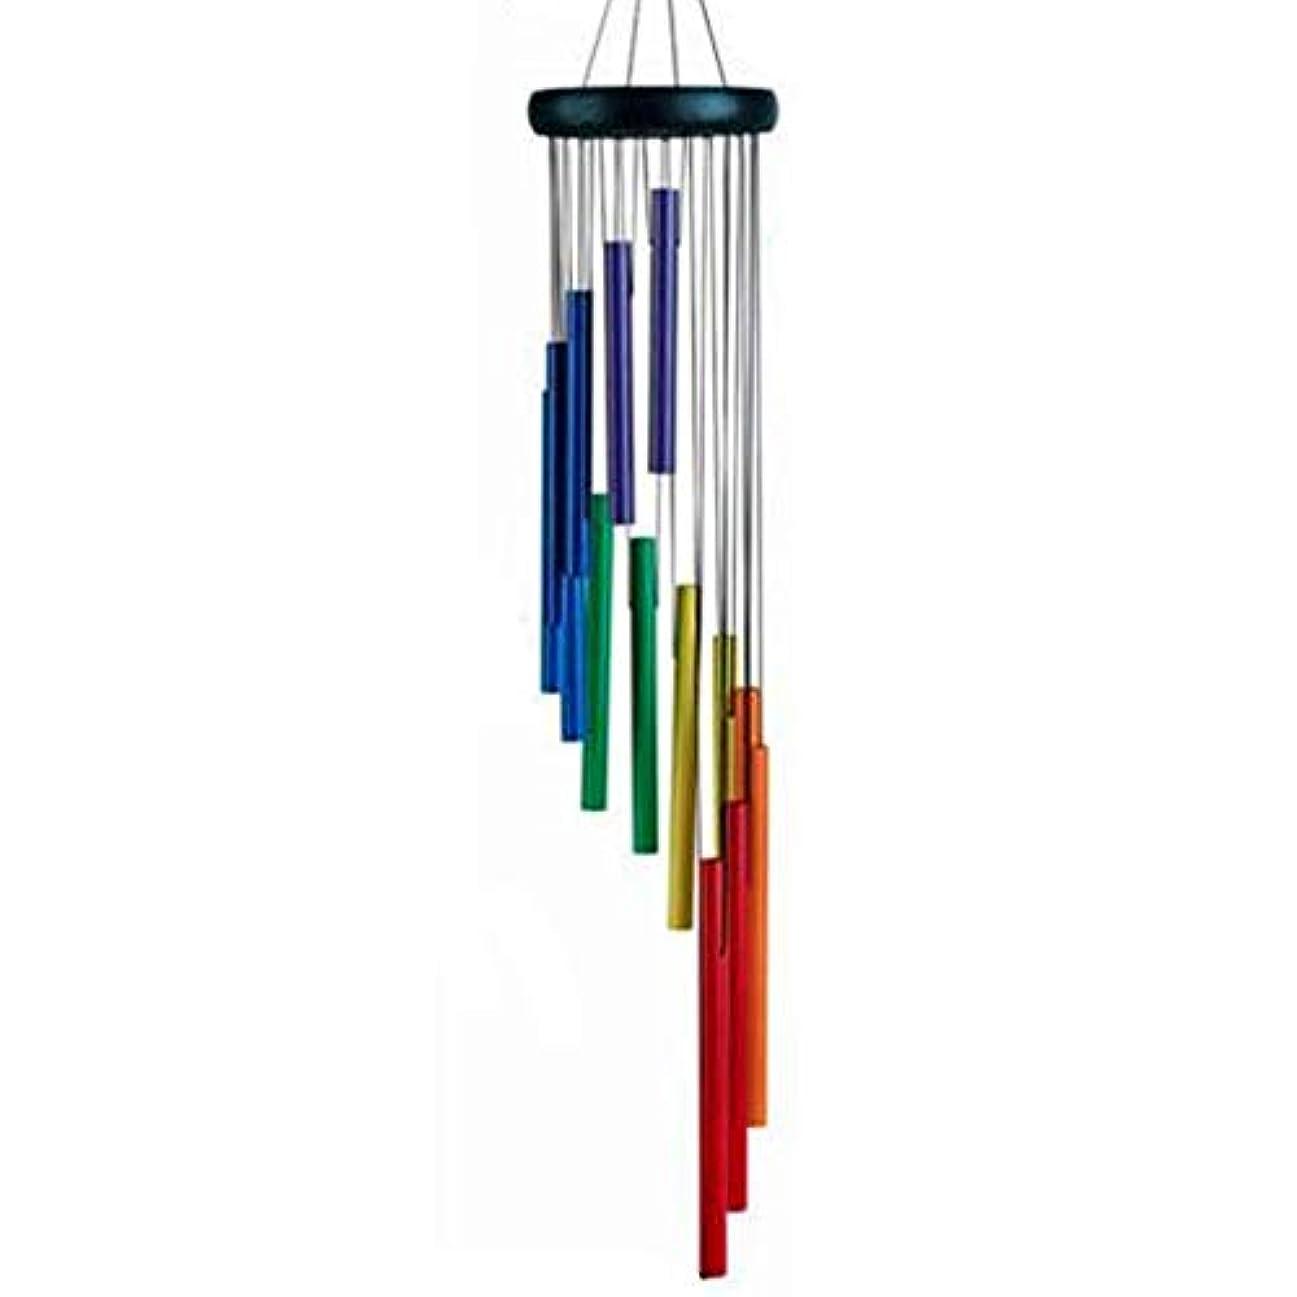 長さオゾン慈善Youshangshipin 風チャイム、メタル風チャイムを回転14チューブ?ミュージック、七色、長さ74CM,美しいギフトボックス